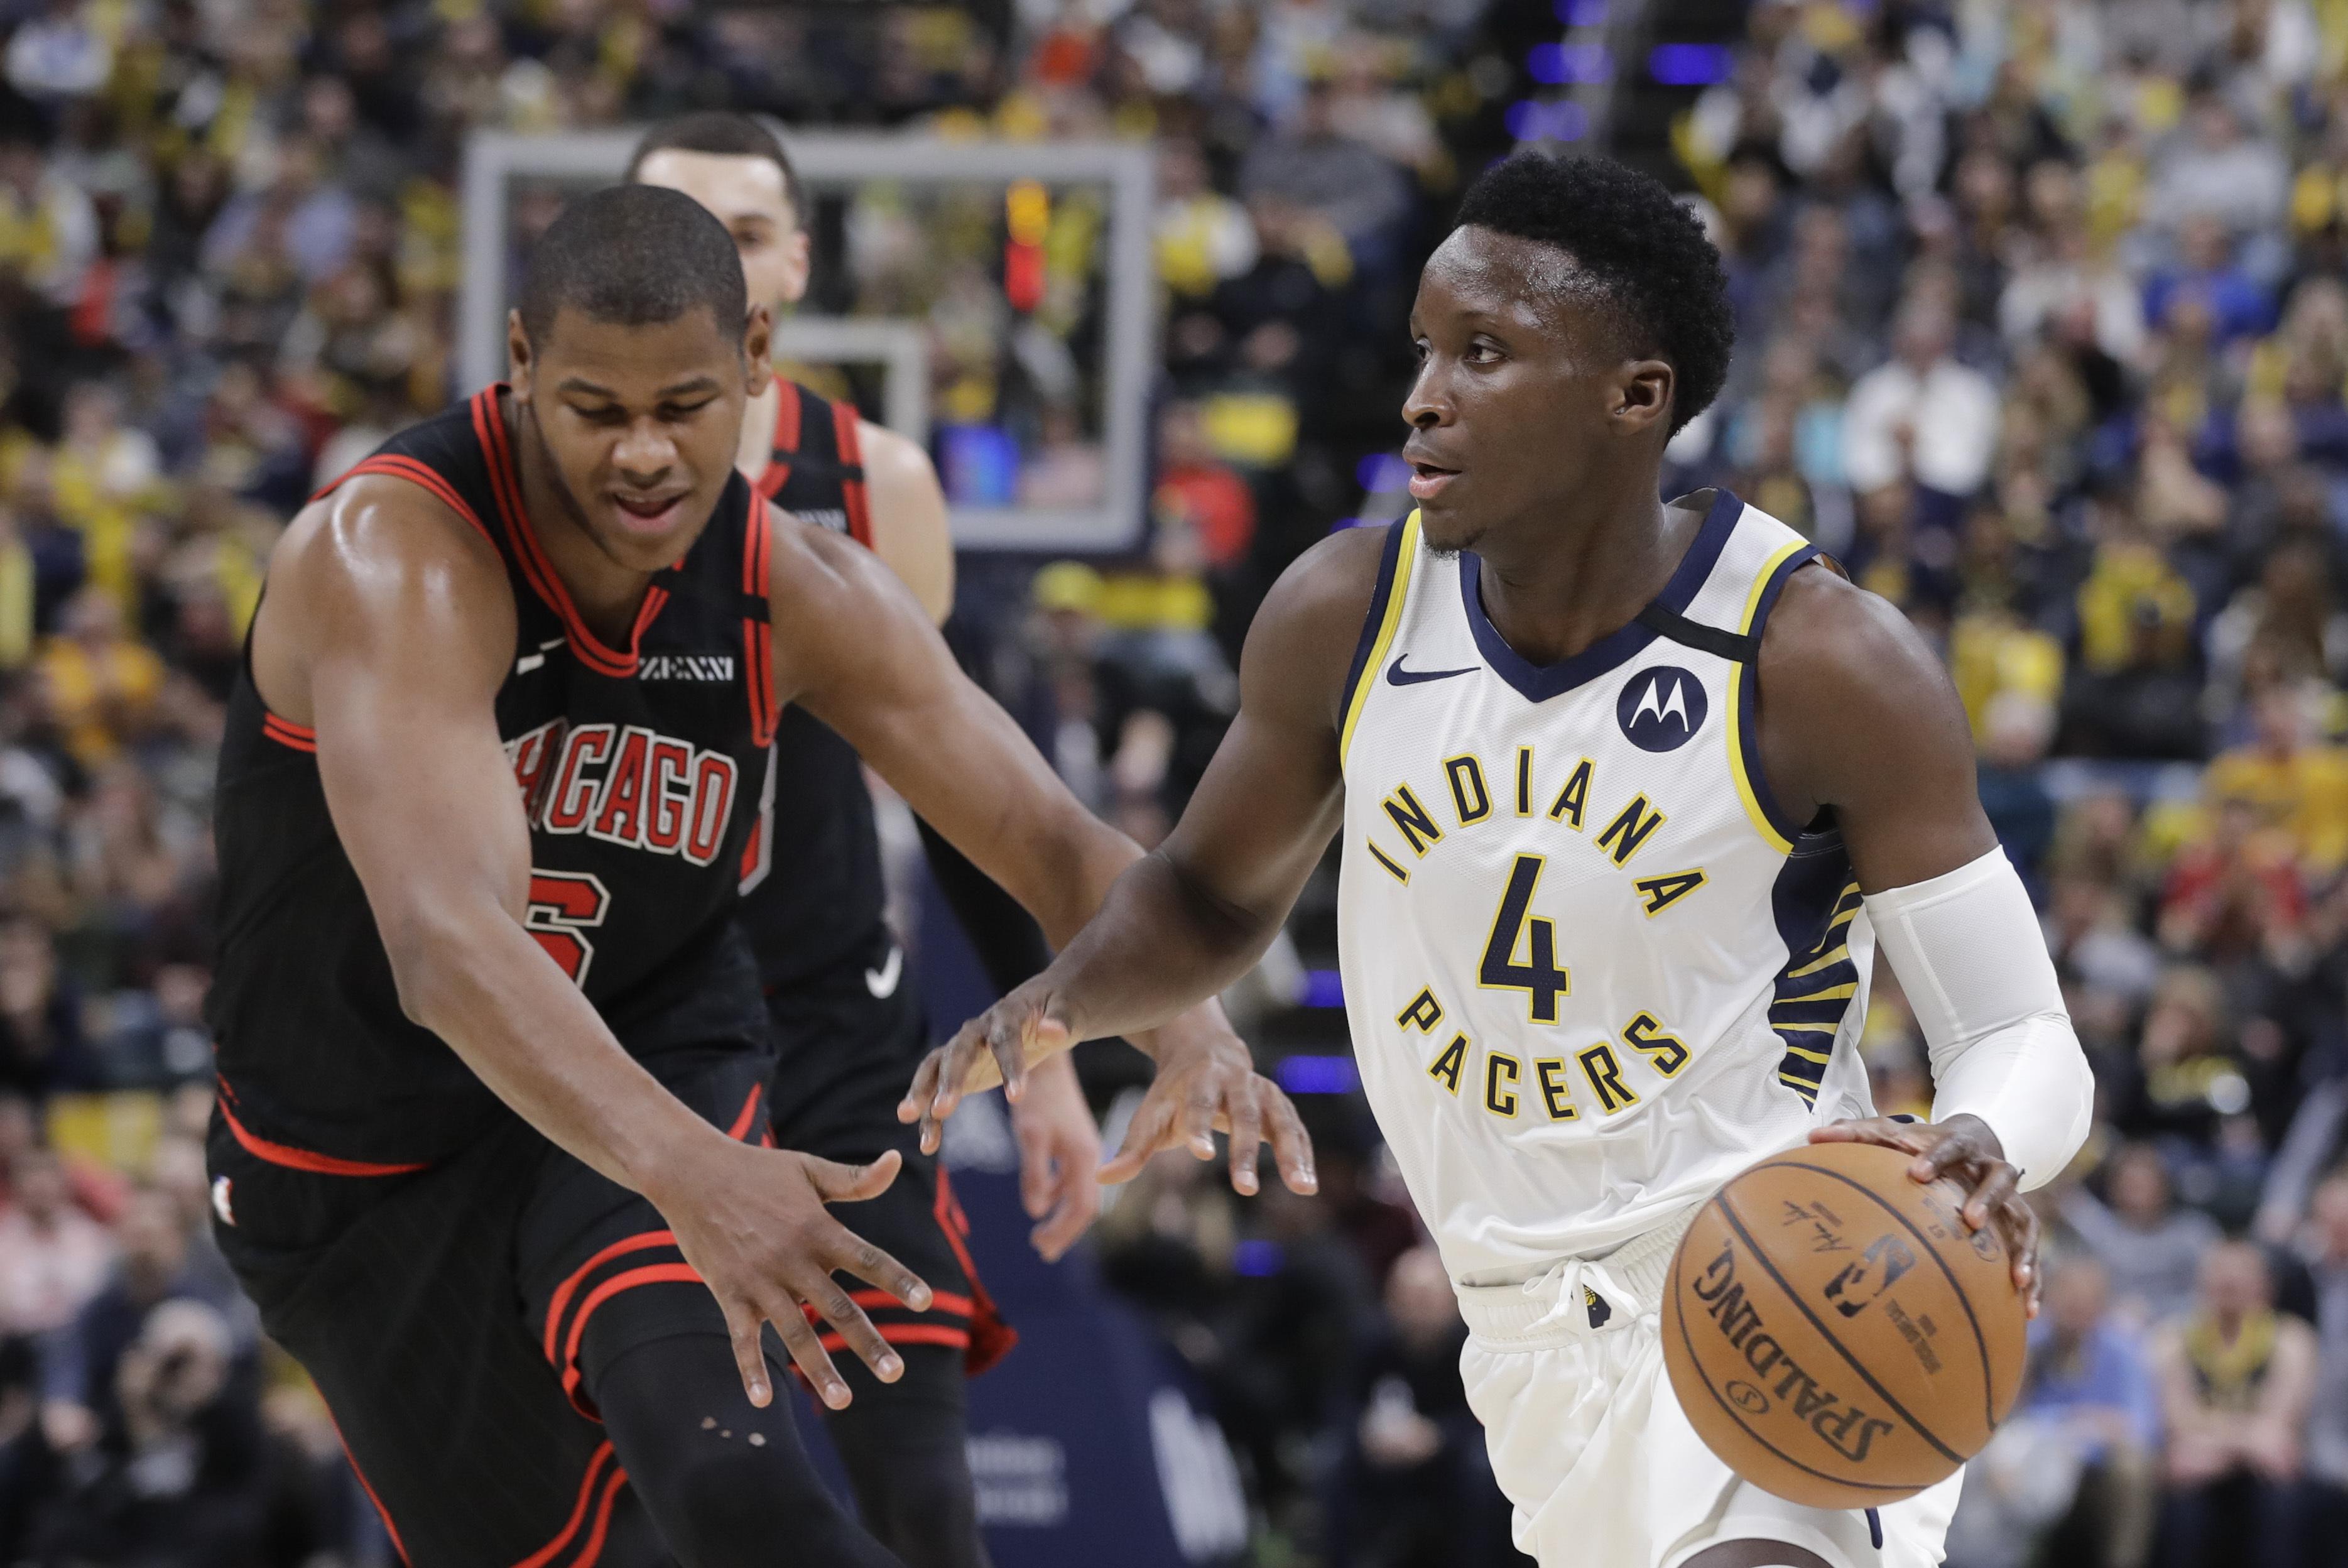 Oladipo hits key 3 in season debut, Pacers top Bulls 115-106